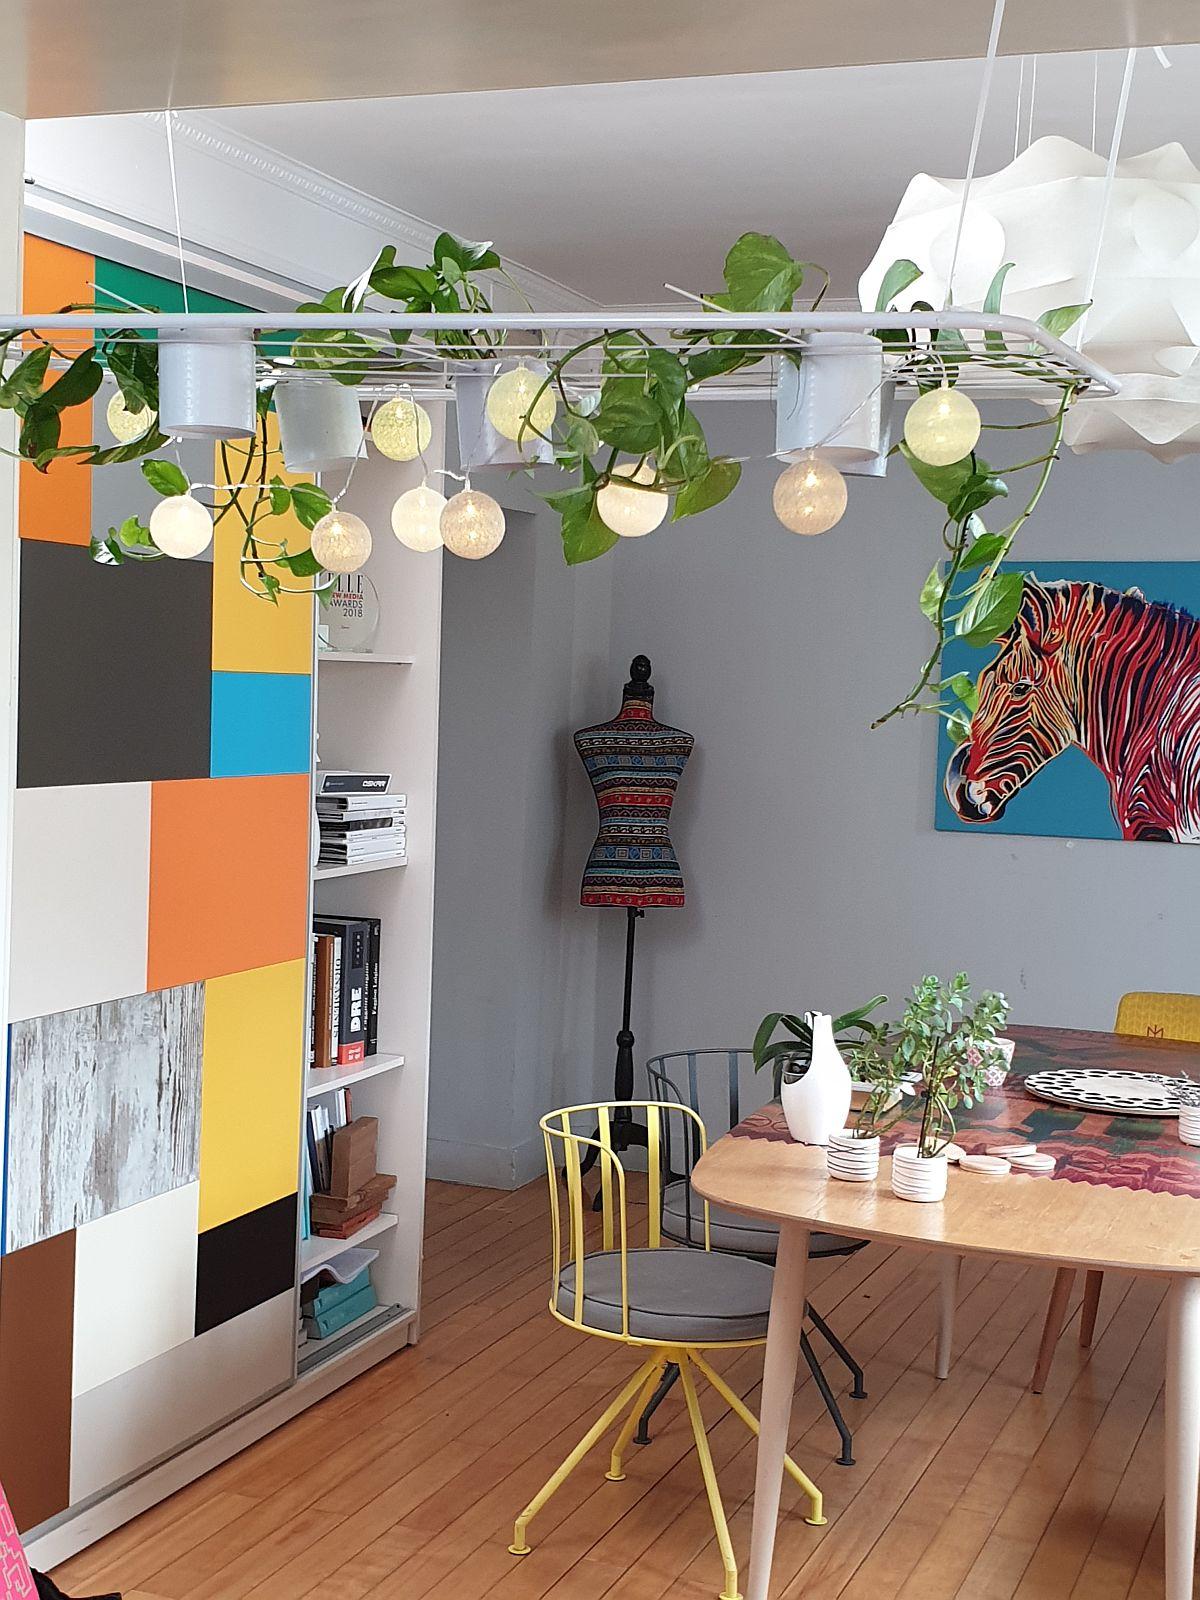 adelaparvu.com despre instalatie corpuri de iluminat cu plante, Urban Jungle